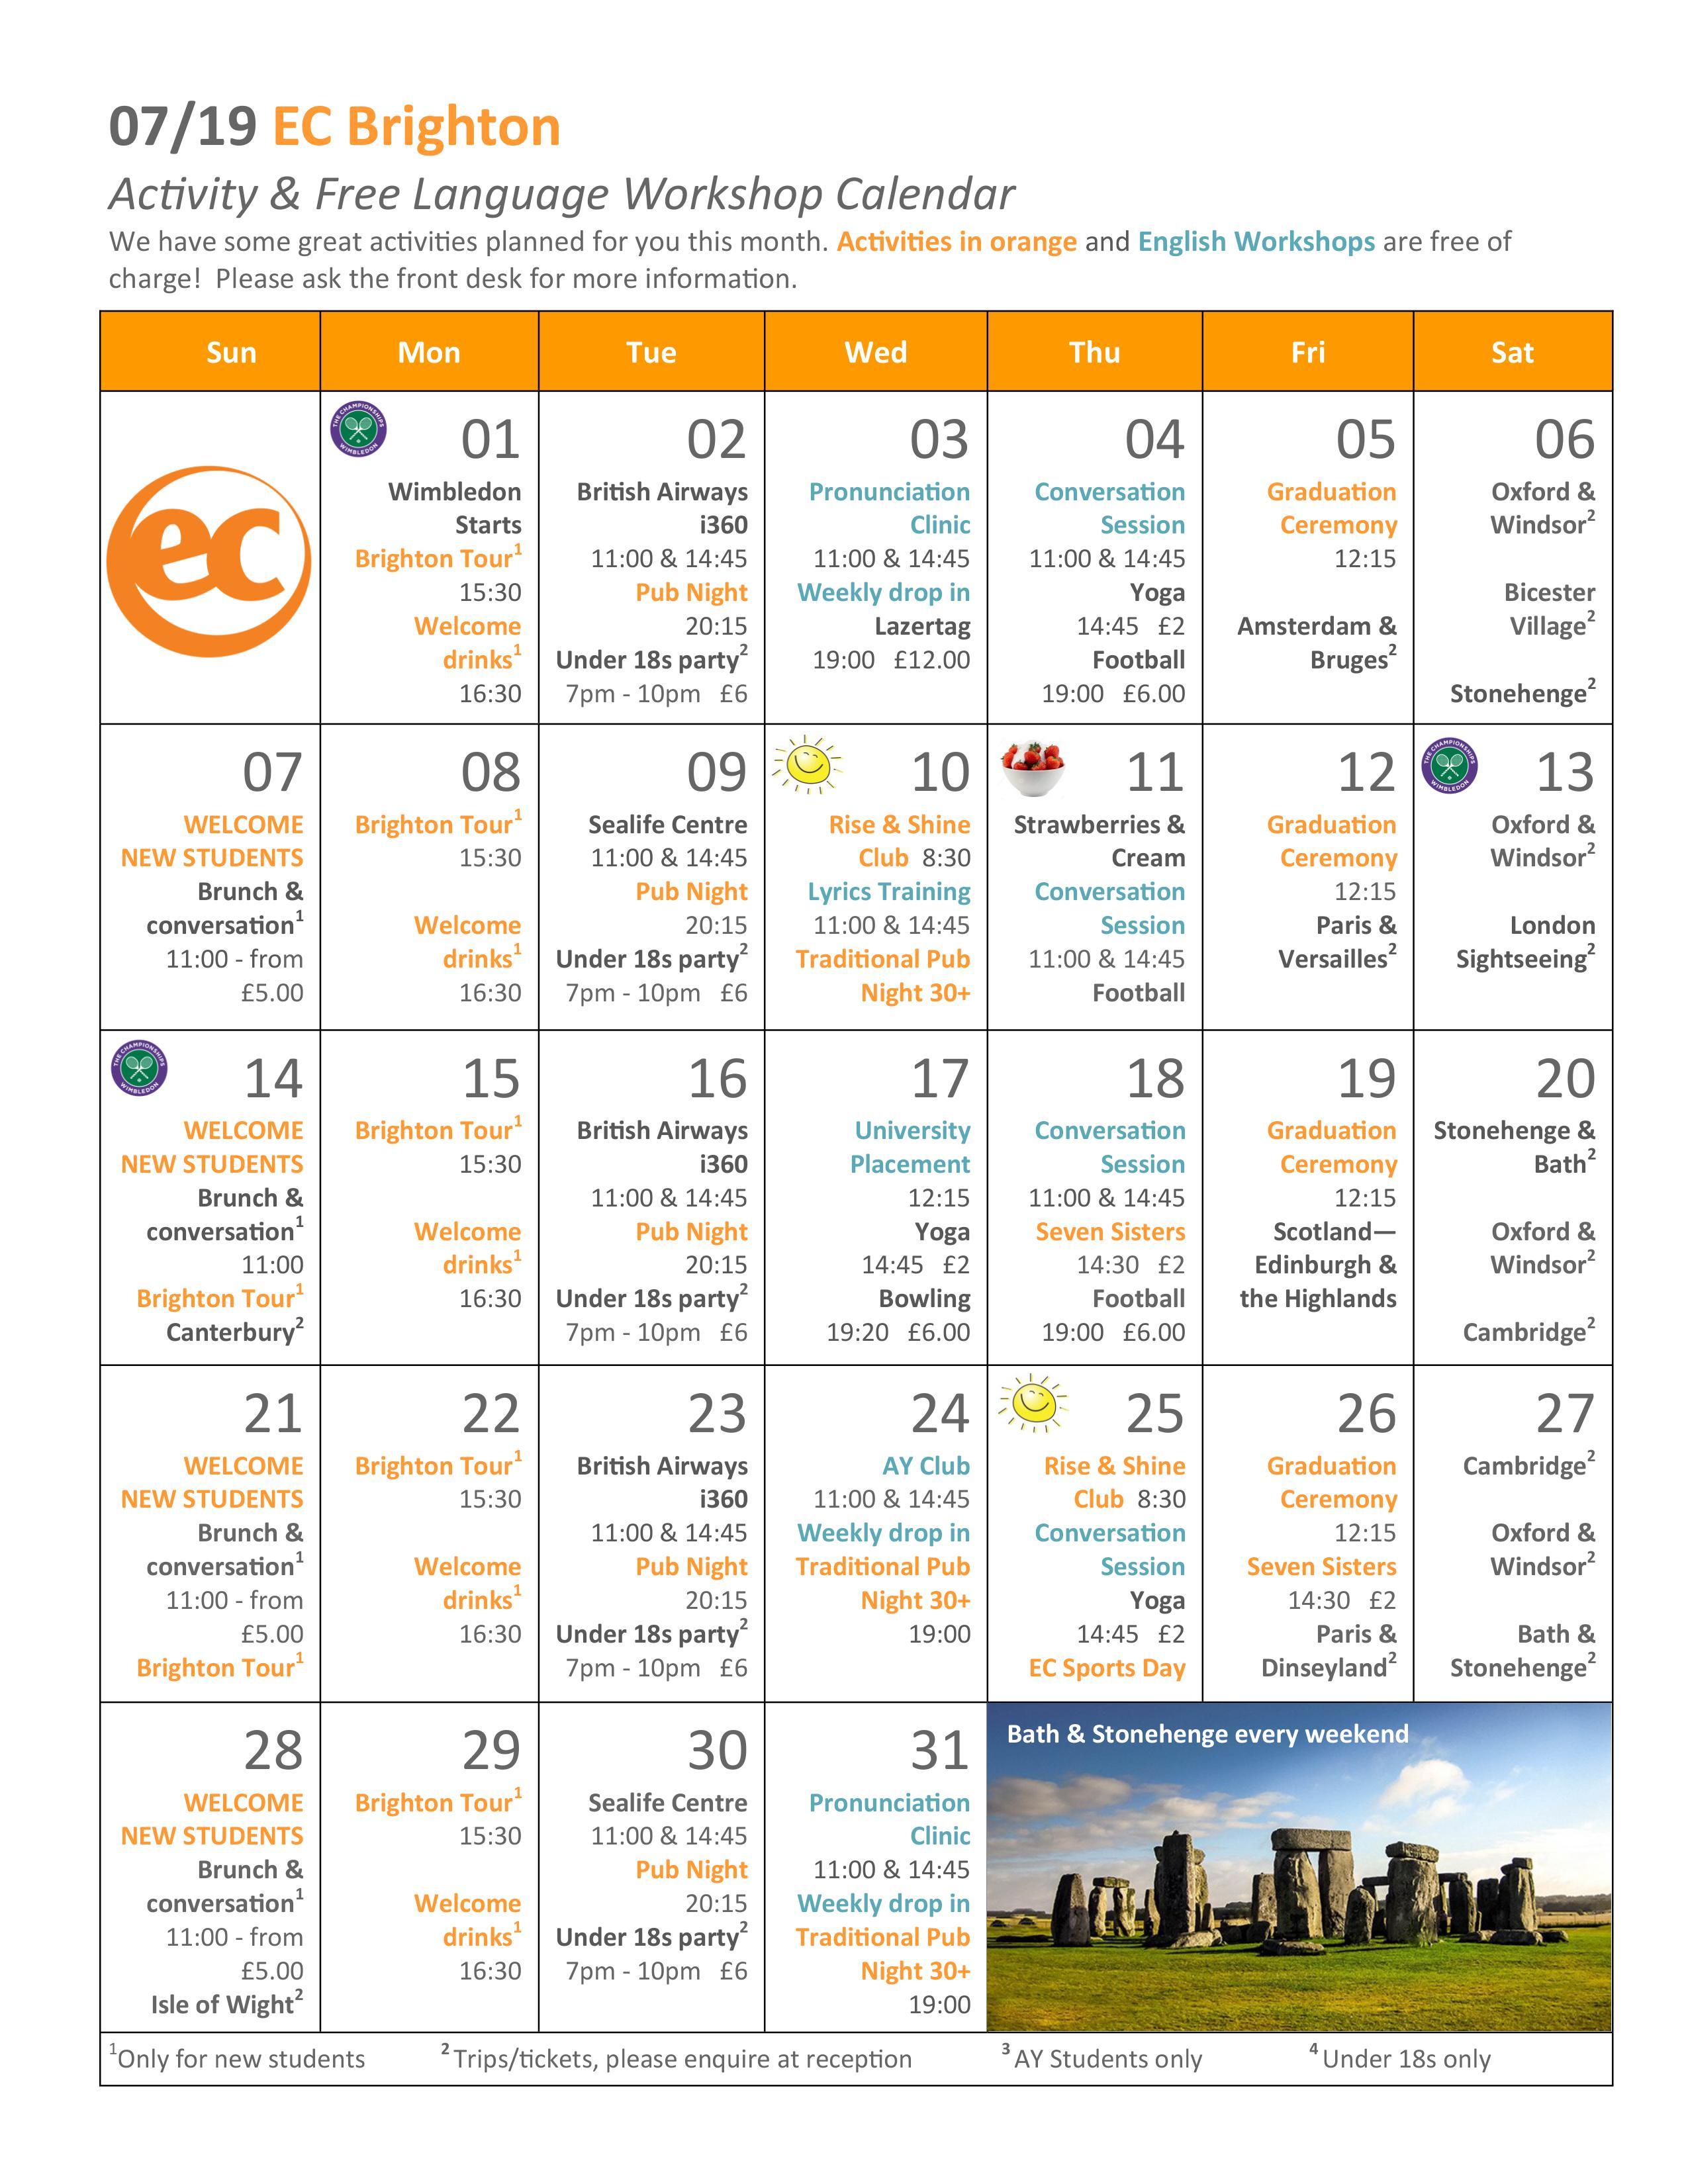 EC Brighton July Activities Calendar - EC Brighton